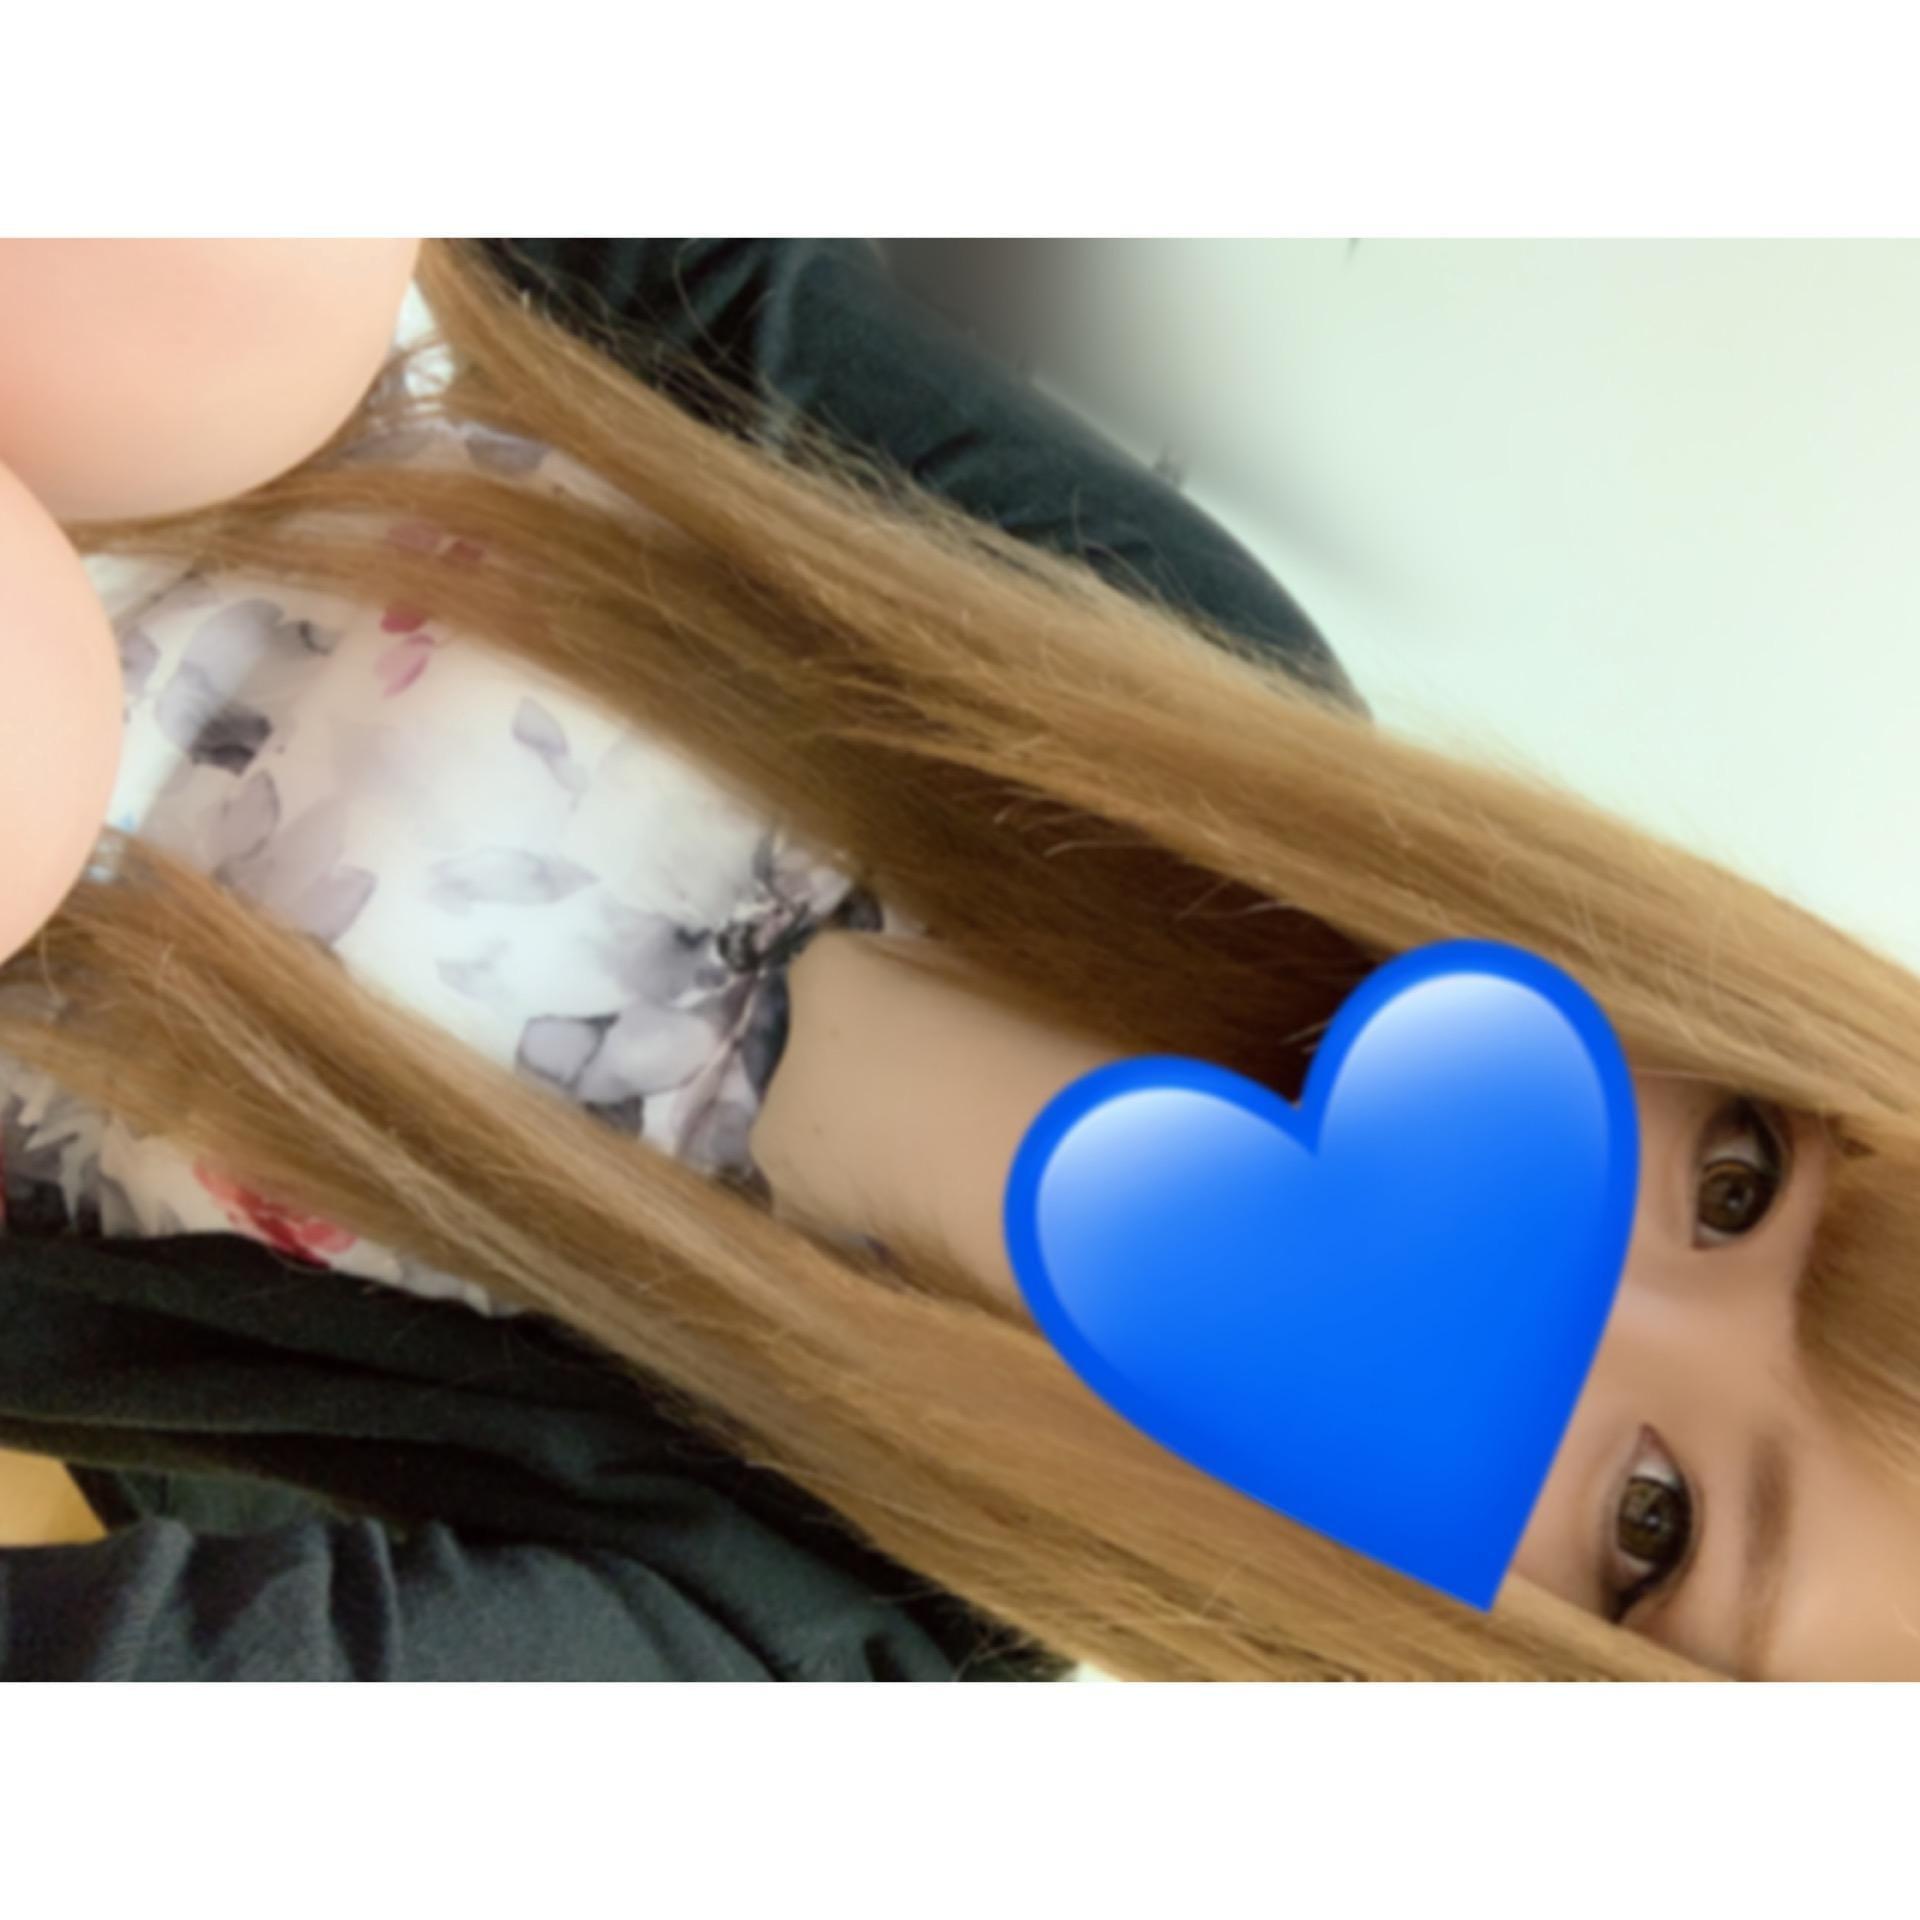 「♡」12/08(12/08) 15:53 | ななみちゃんの写メ・風俗動画